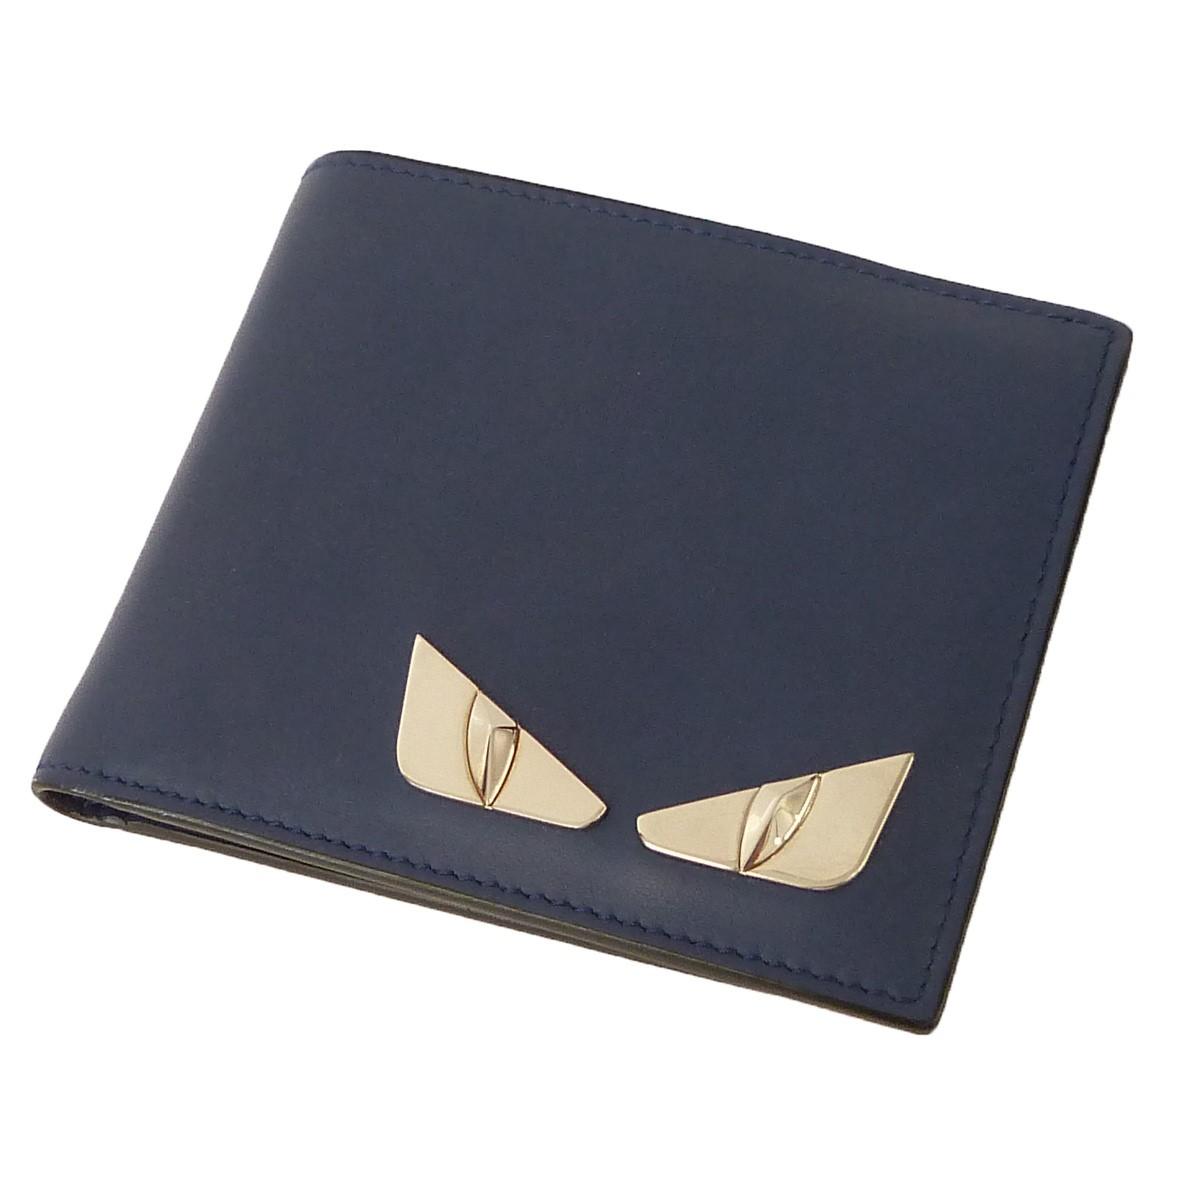 【中古】FENDI バッグバグス2つ折り財布 ネイビー サイズ:- 【011219】(フェンディ)